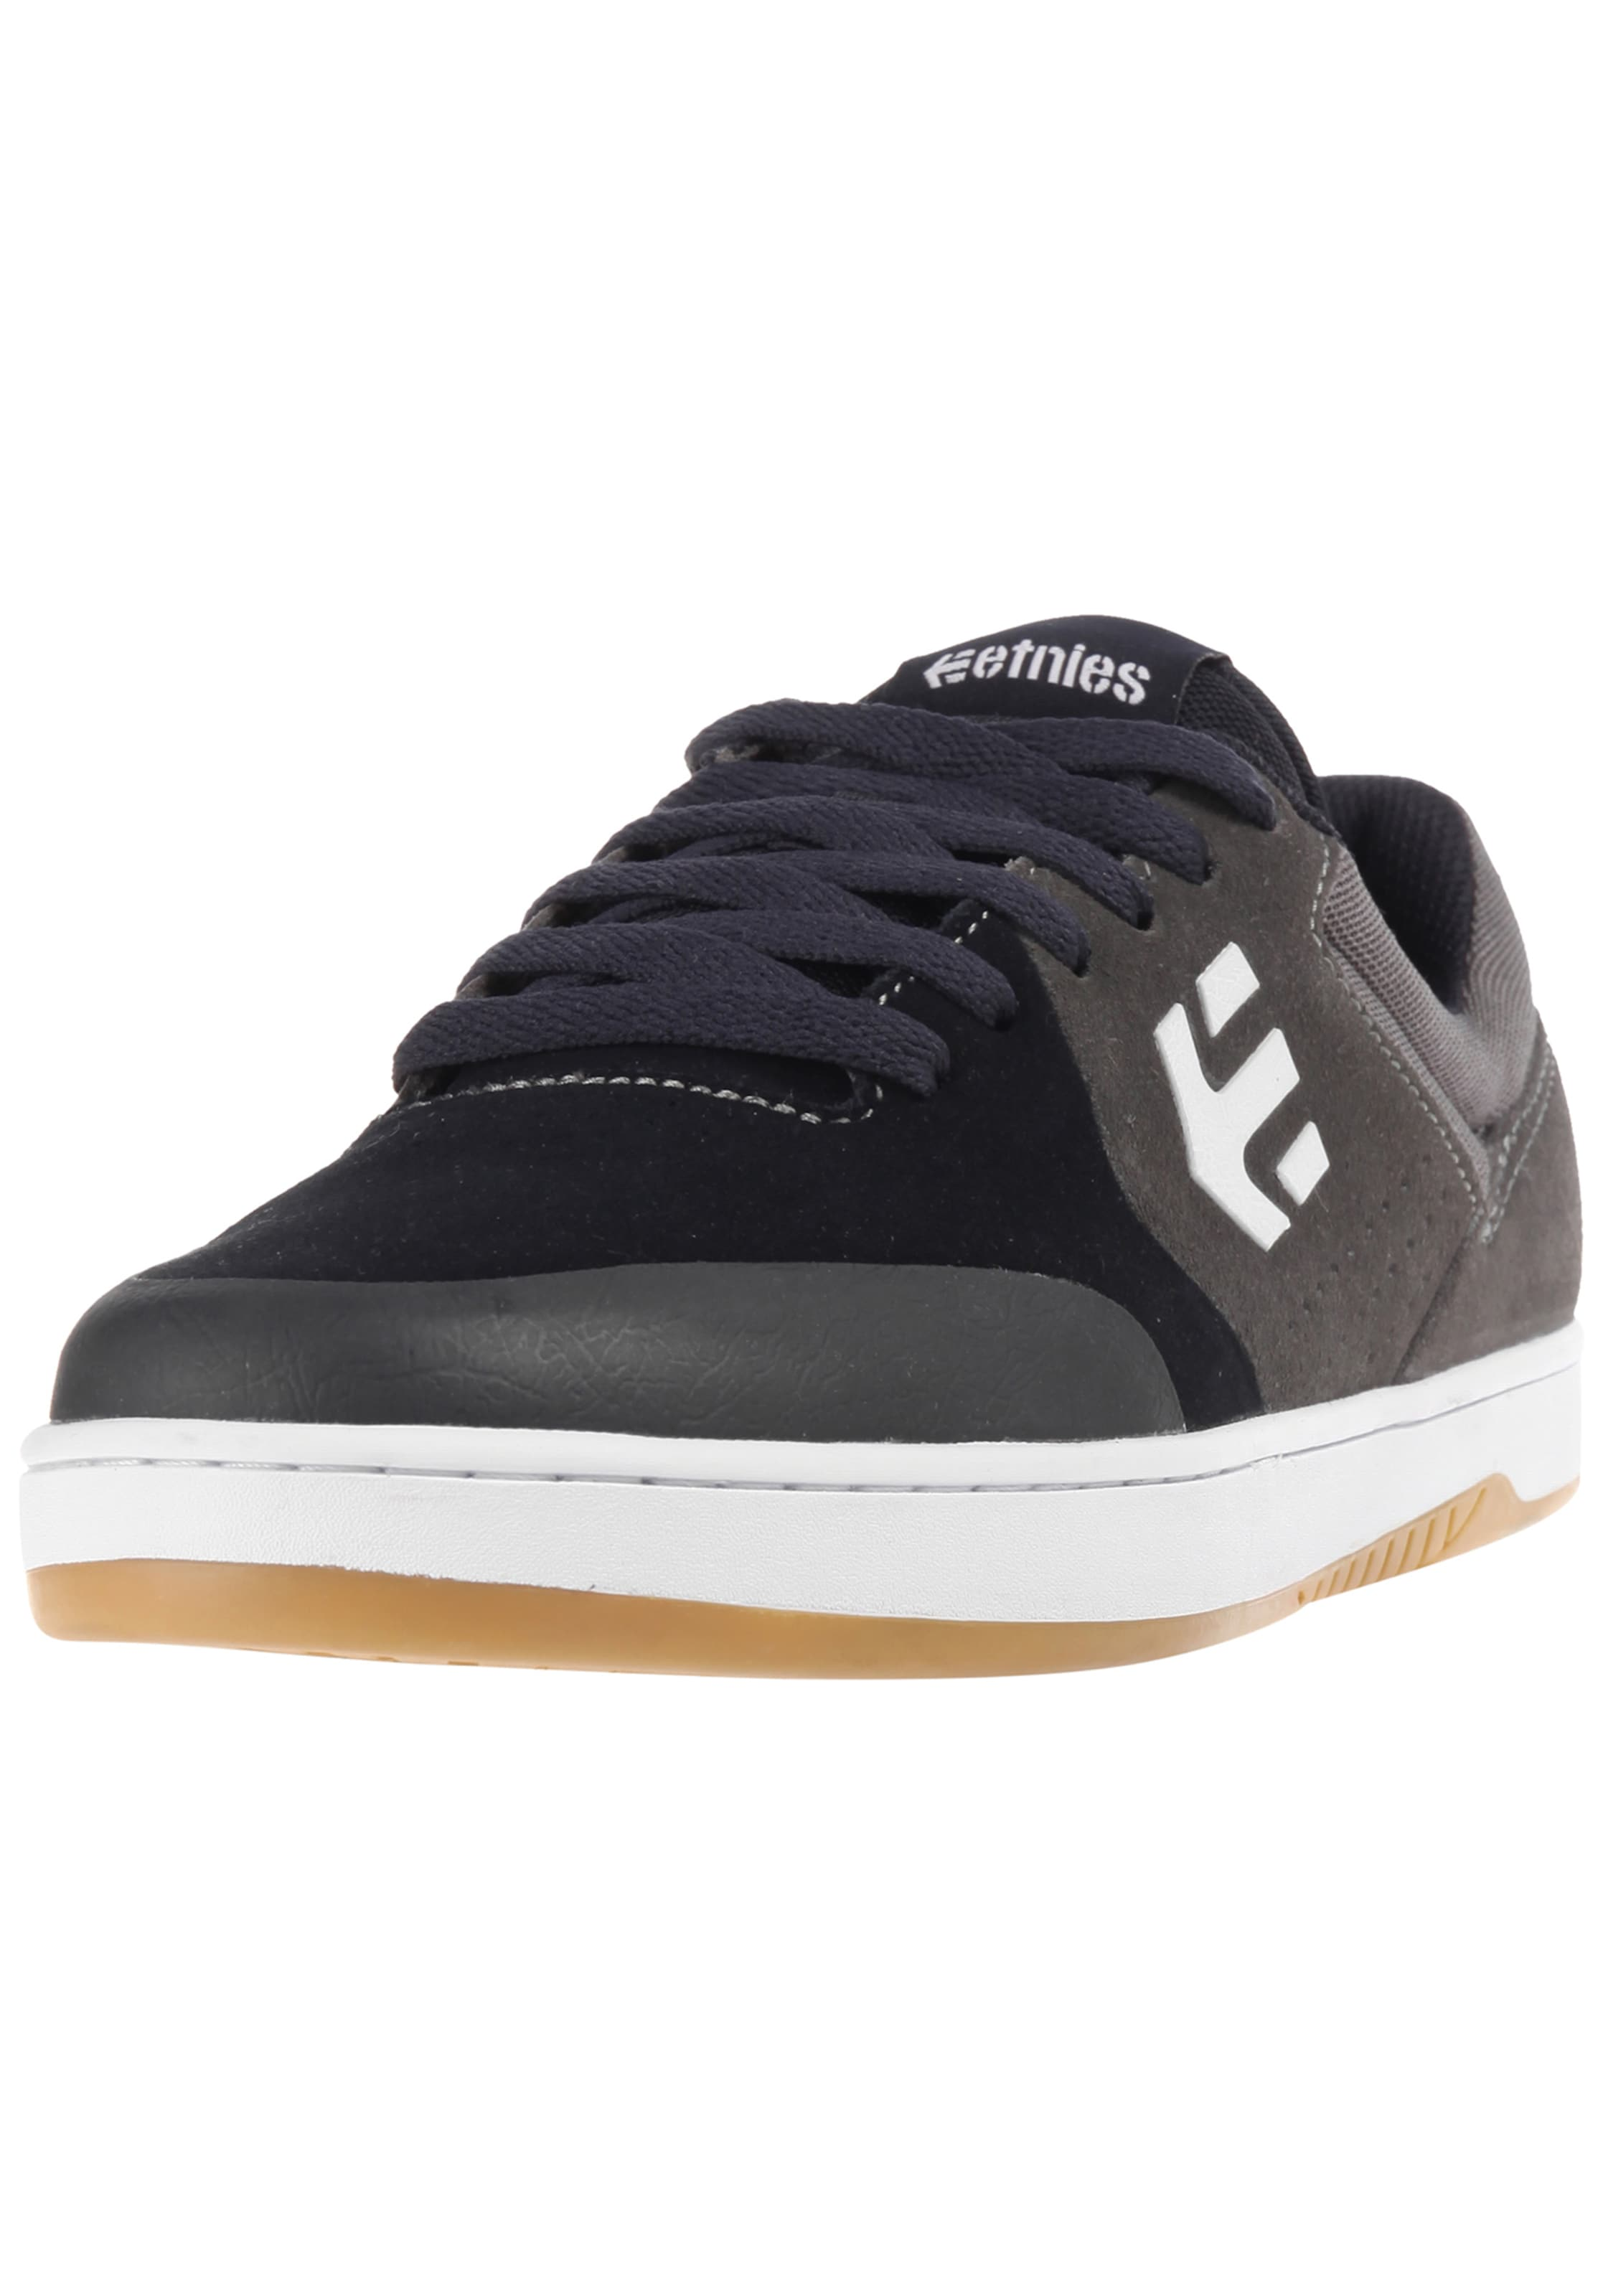 Etnies In Etnies 'marana' 'marana' Sneaker NavyGrau In Sneaker Etnies 'marana' NavyGrau Sneaker 5RL34jAq